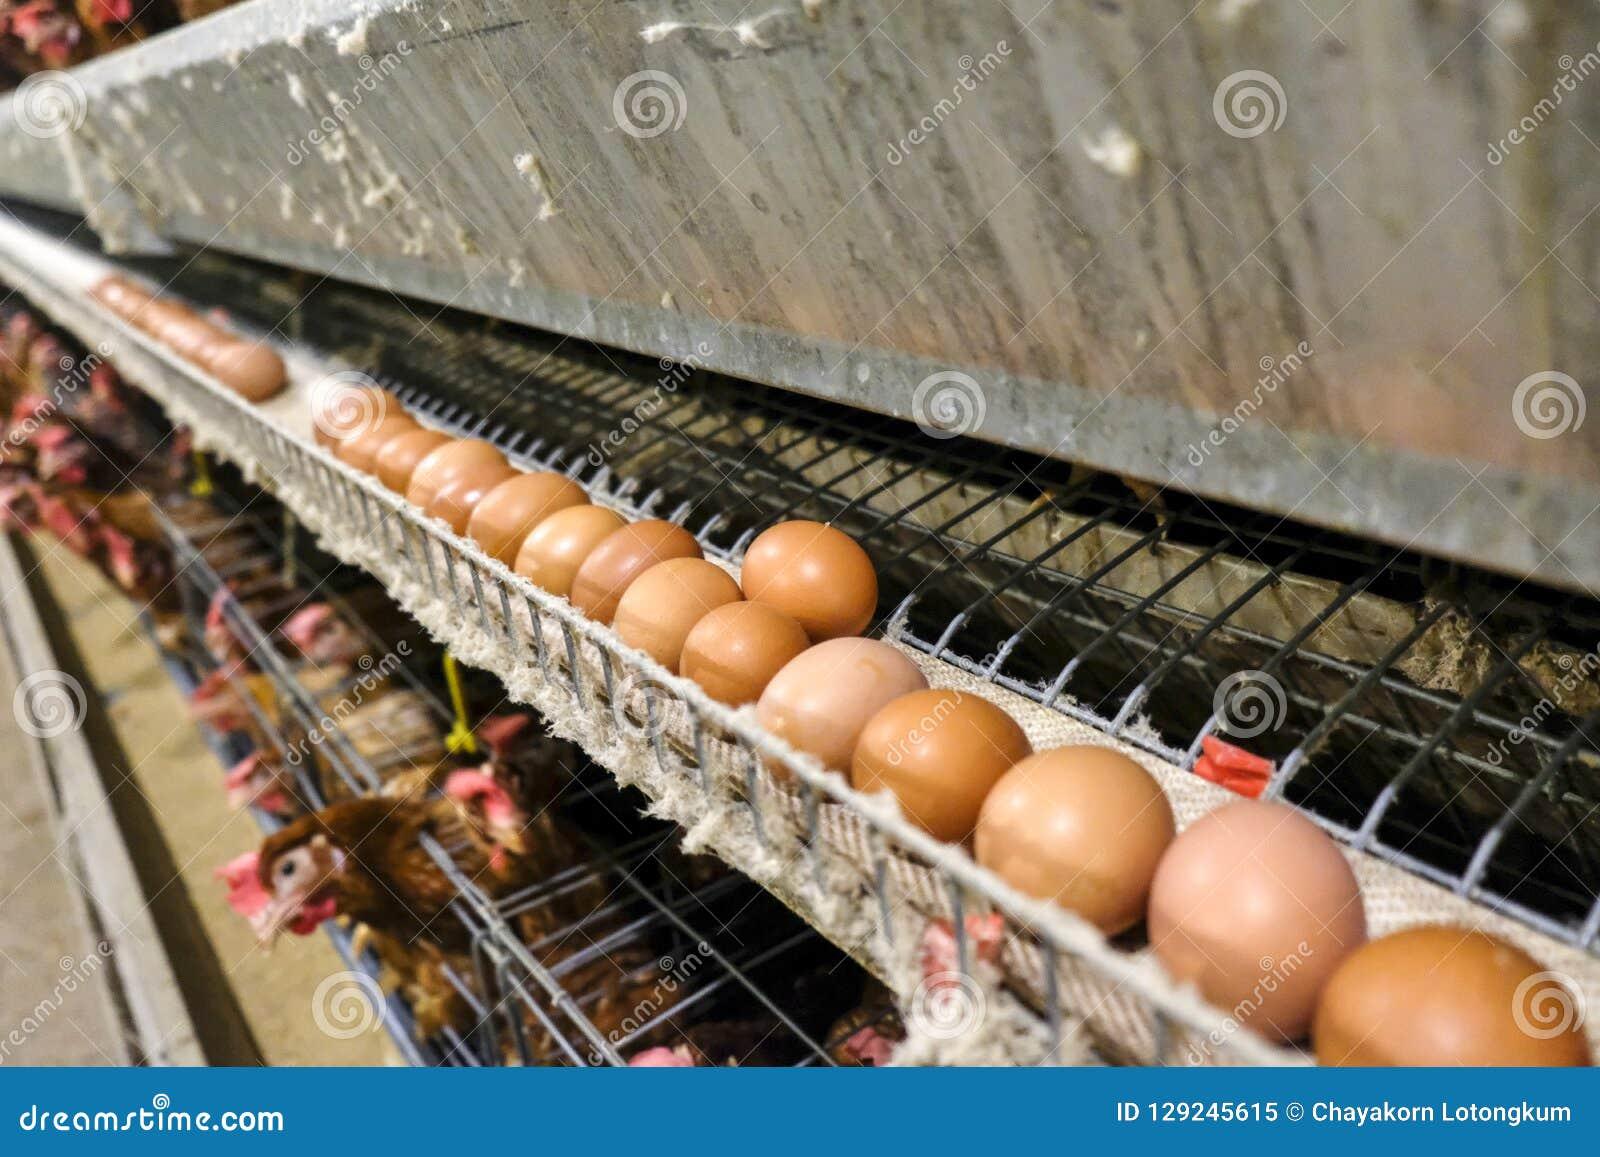 Chaîne de production à multiniveaux chaîne de production de convoyeur des oeufs de poulet d une ferme avicole